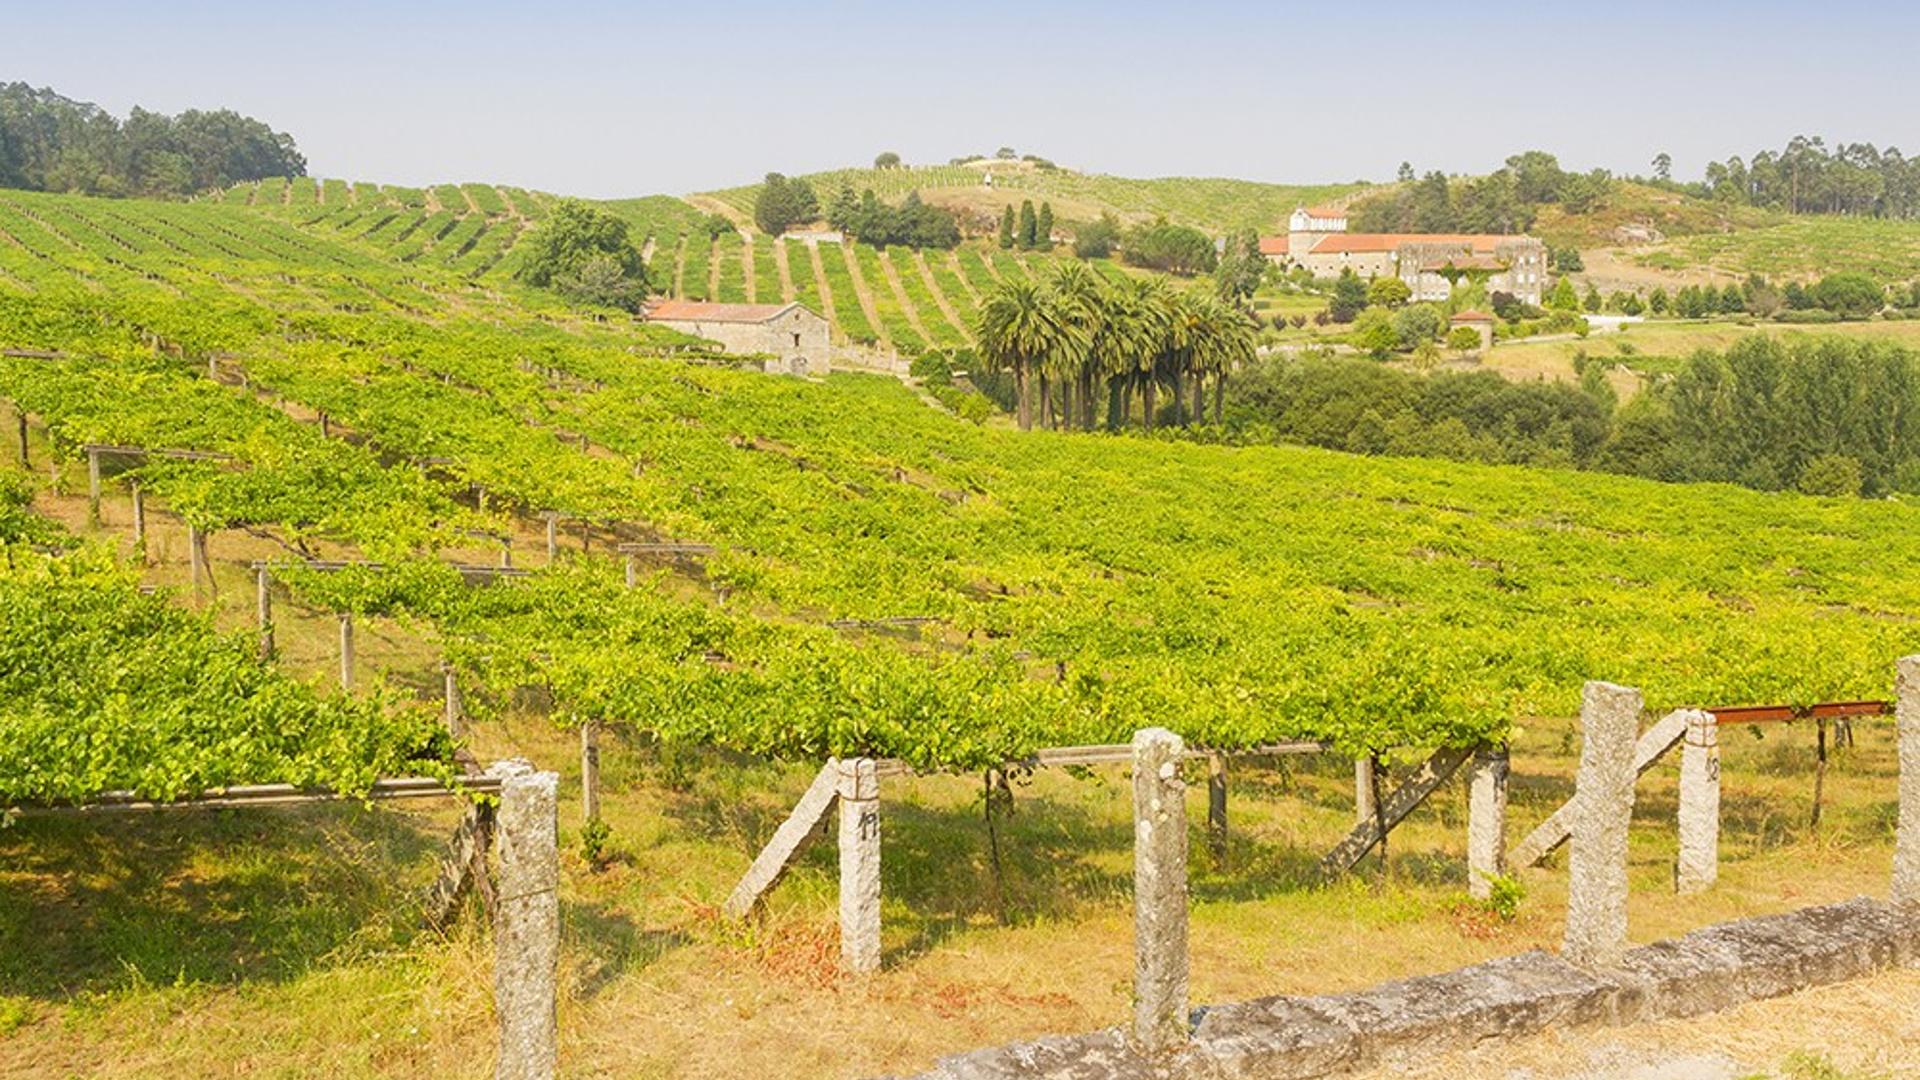 la-prestigiosa-wine-enthusiast-magazine-incluye-a-galicia-entre-las-candidatas-a-region-de-vino-del-ano-1920